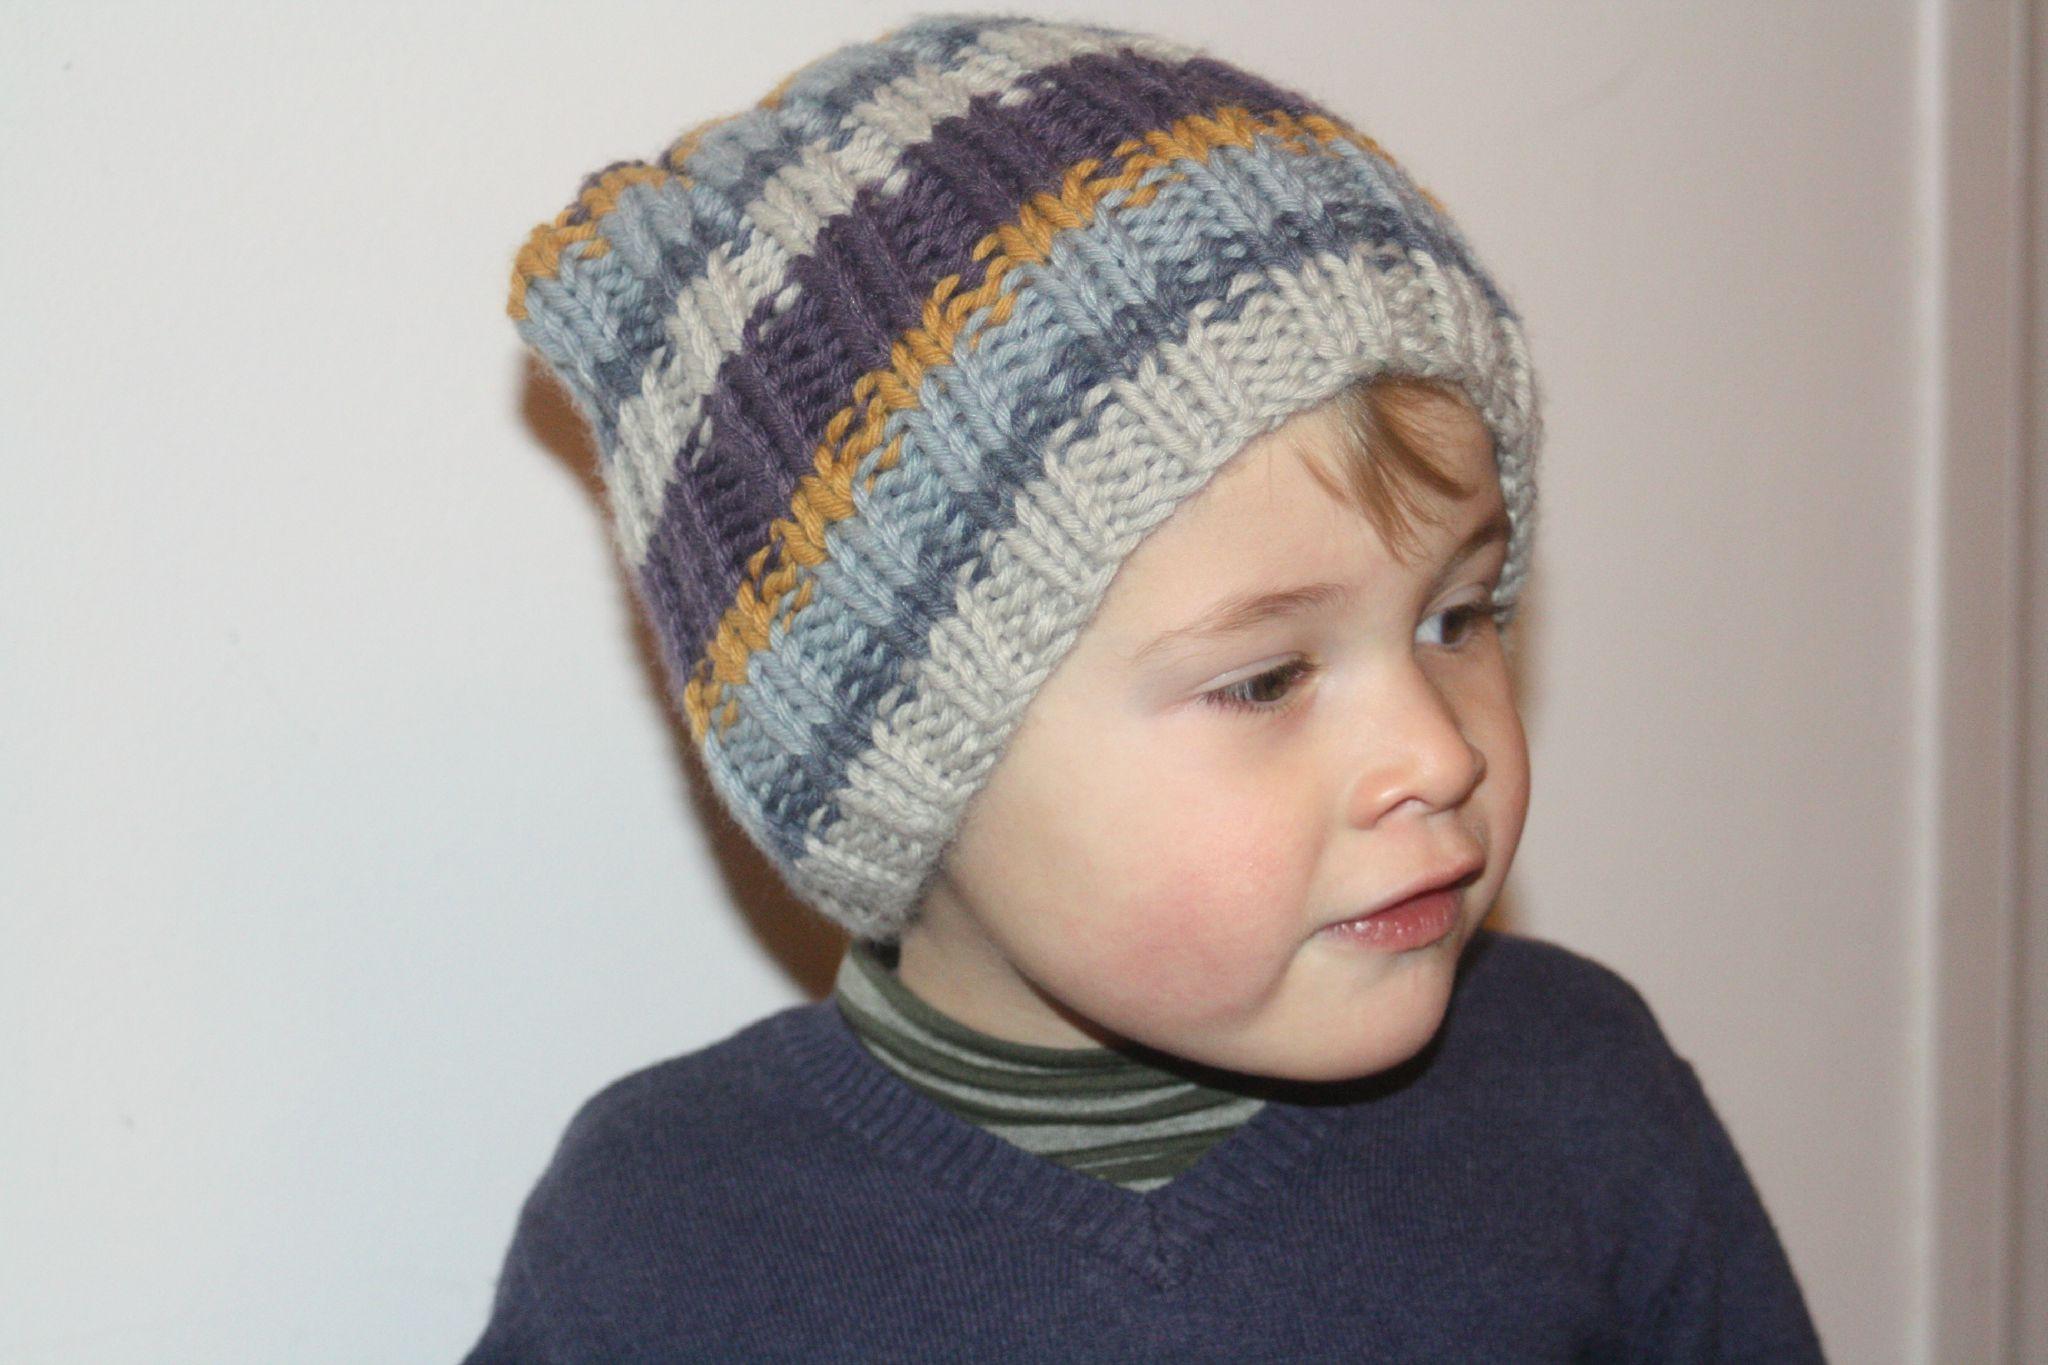 tricoter un bonnet taille 8 ans